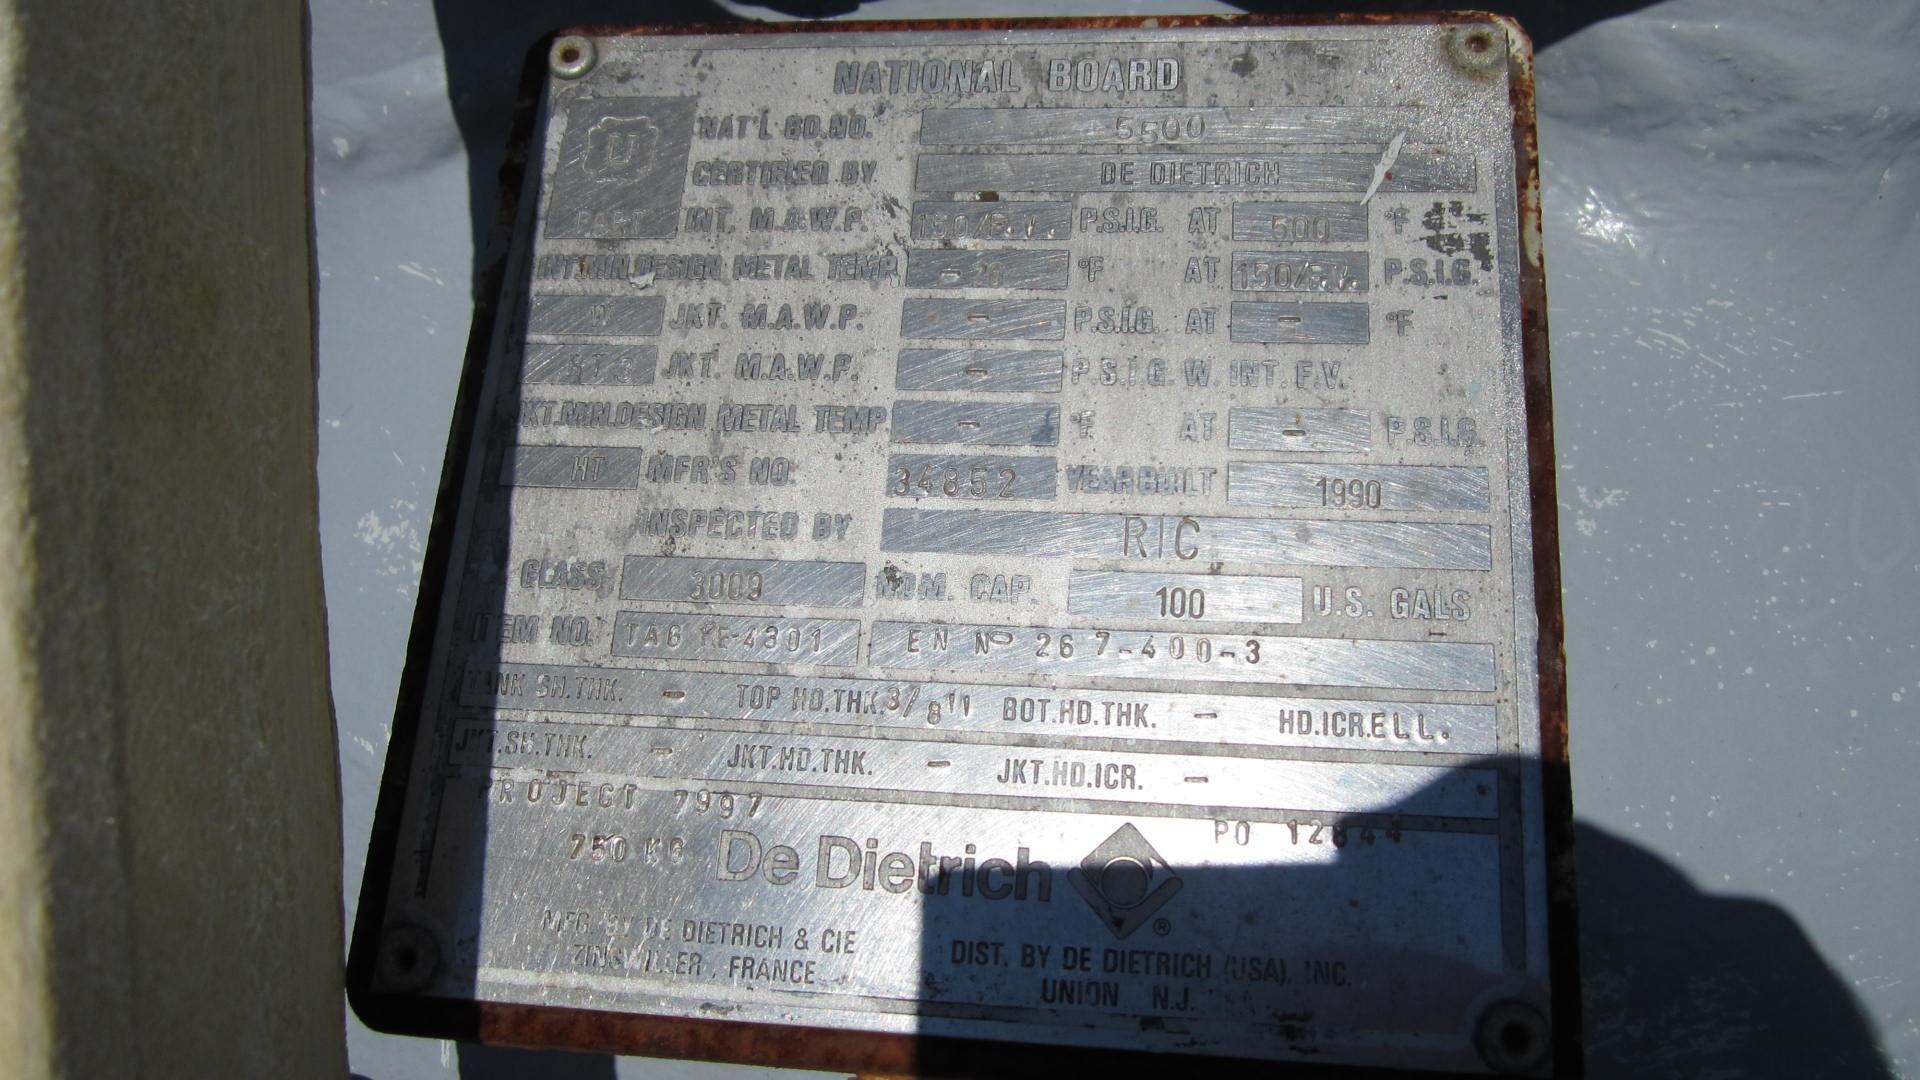 De Dietrich Glass Lined Reactors